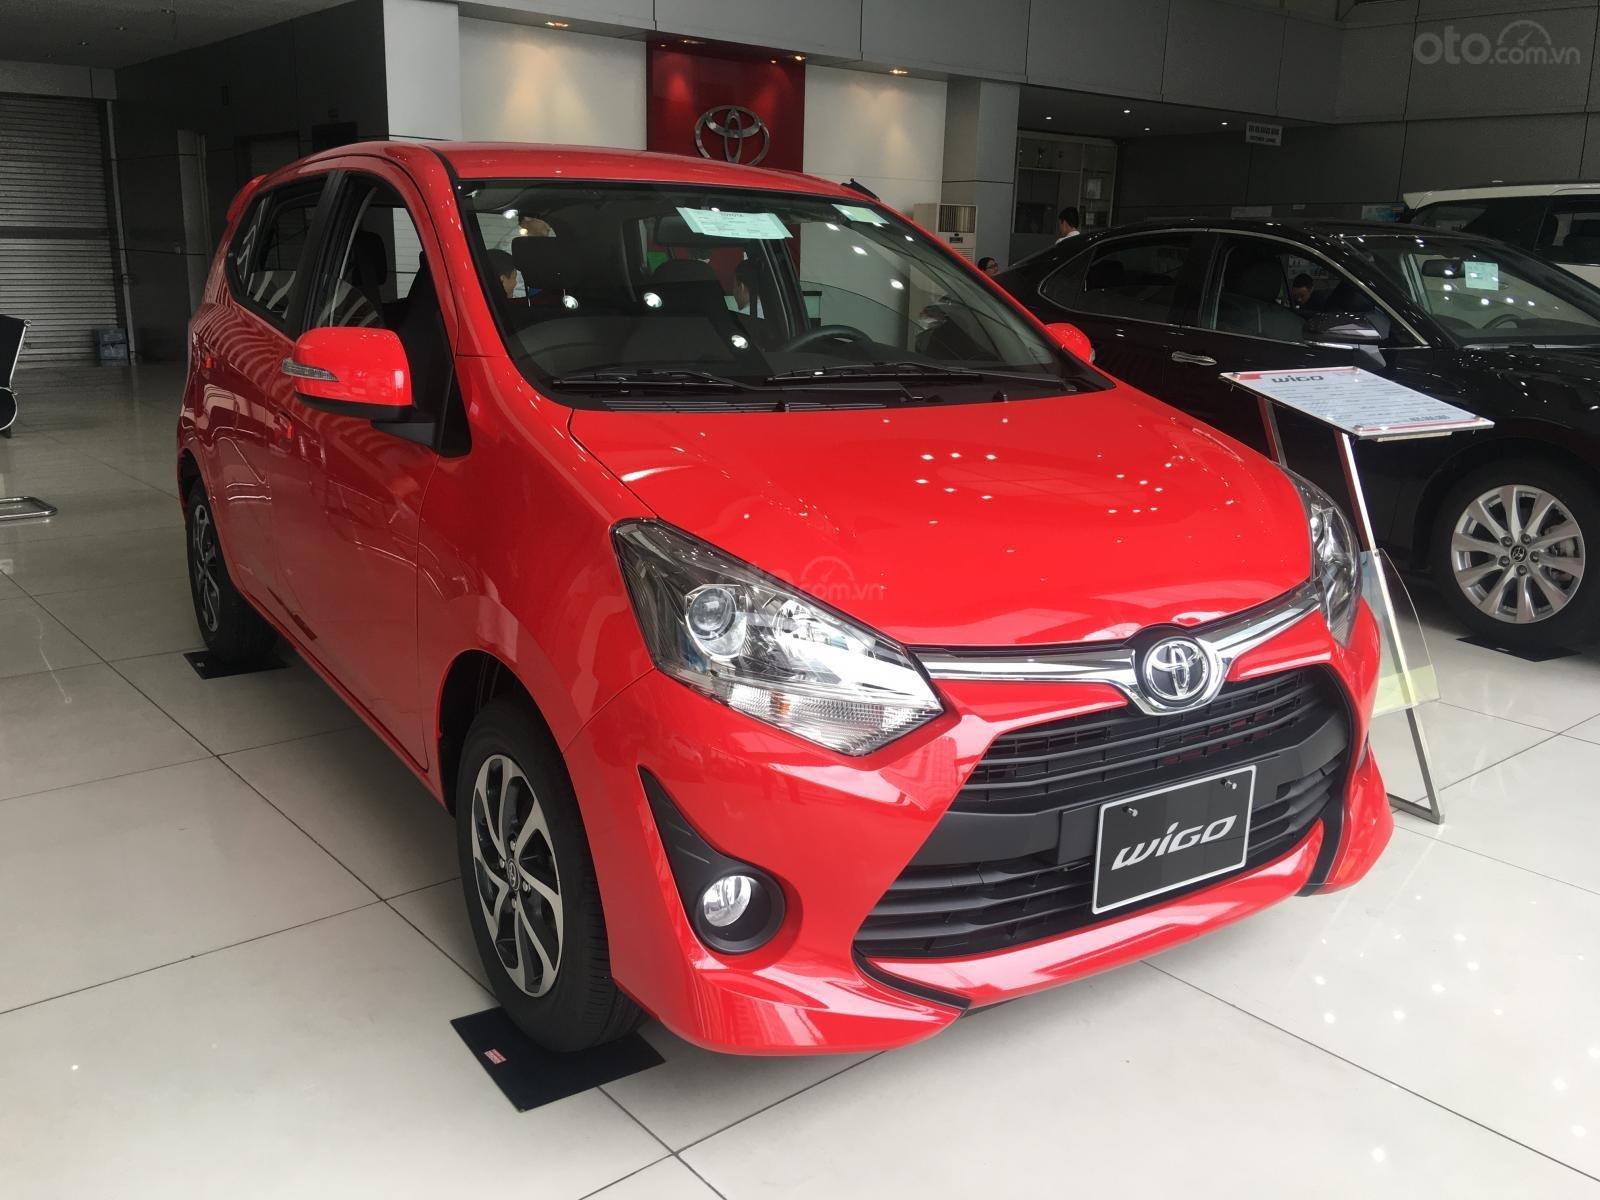 Bán Toyota Wigo 2019 nhập khẩu, sẵn màu giao ngay, giảm giá, tặng phụ kiện, LH 0973.160.519 (1)